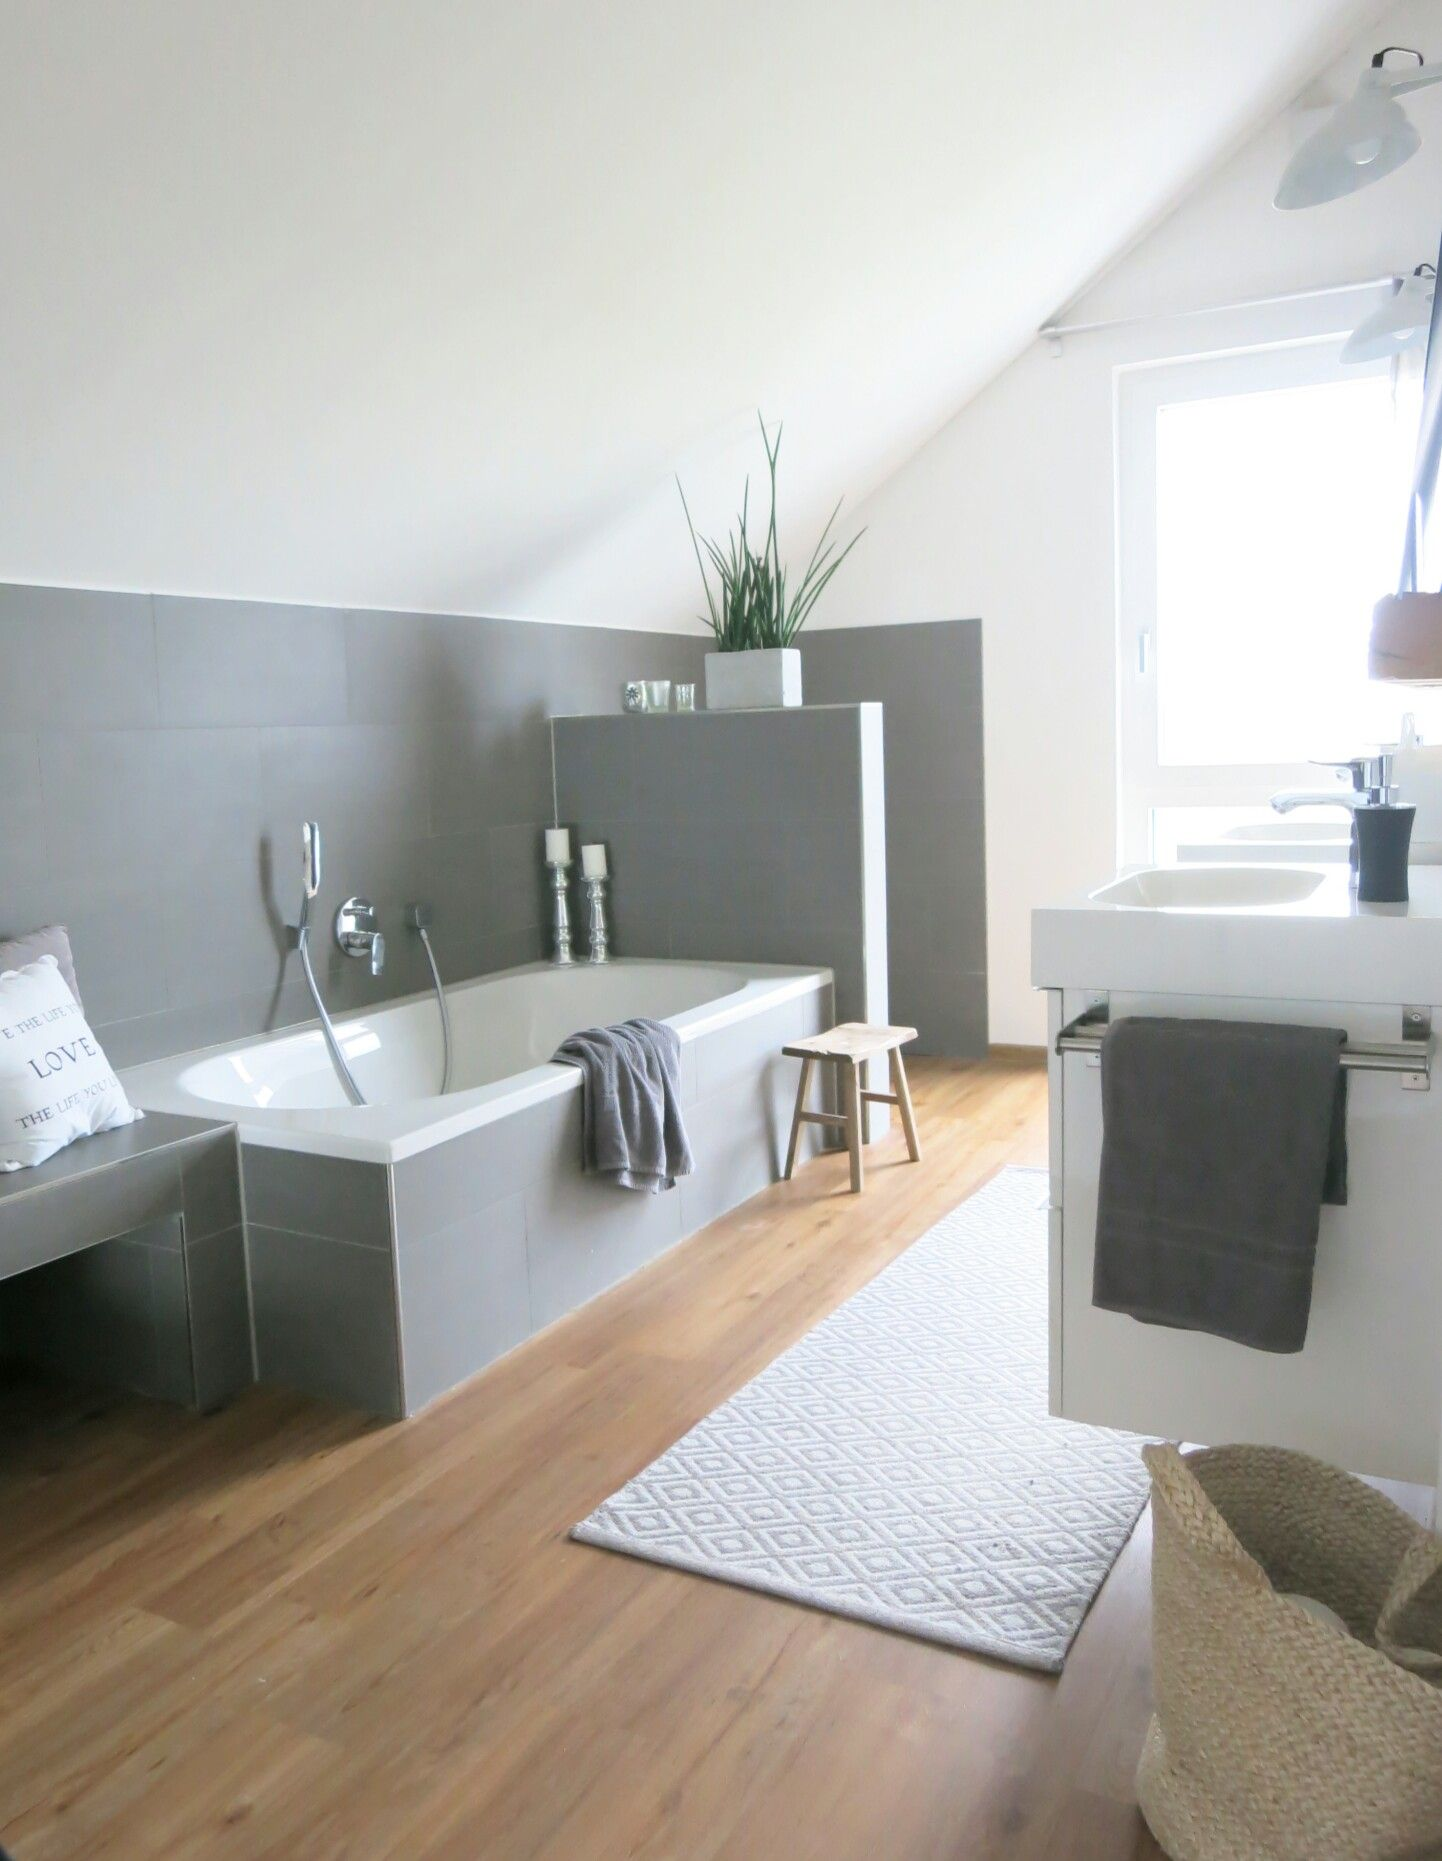 modernes badezimmer mit holz und beton badezimmer wohnen bathroom badewanne dusche. Black Bedroom Furniture Sets. Home Design Ideas